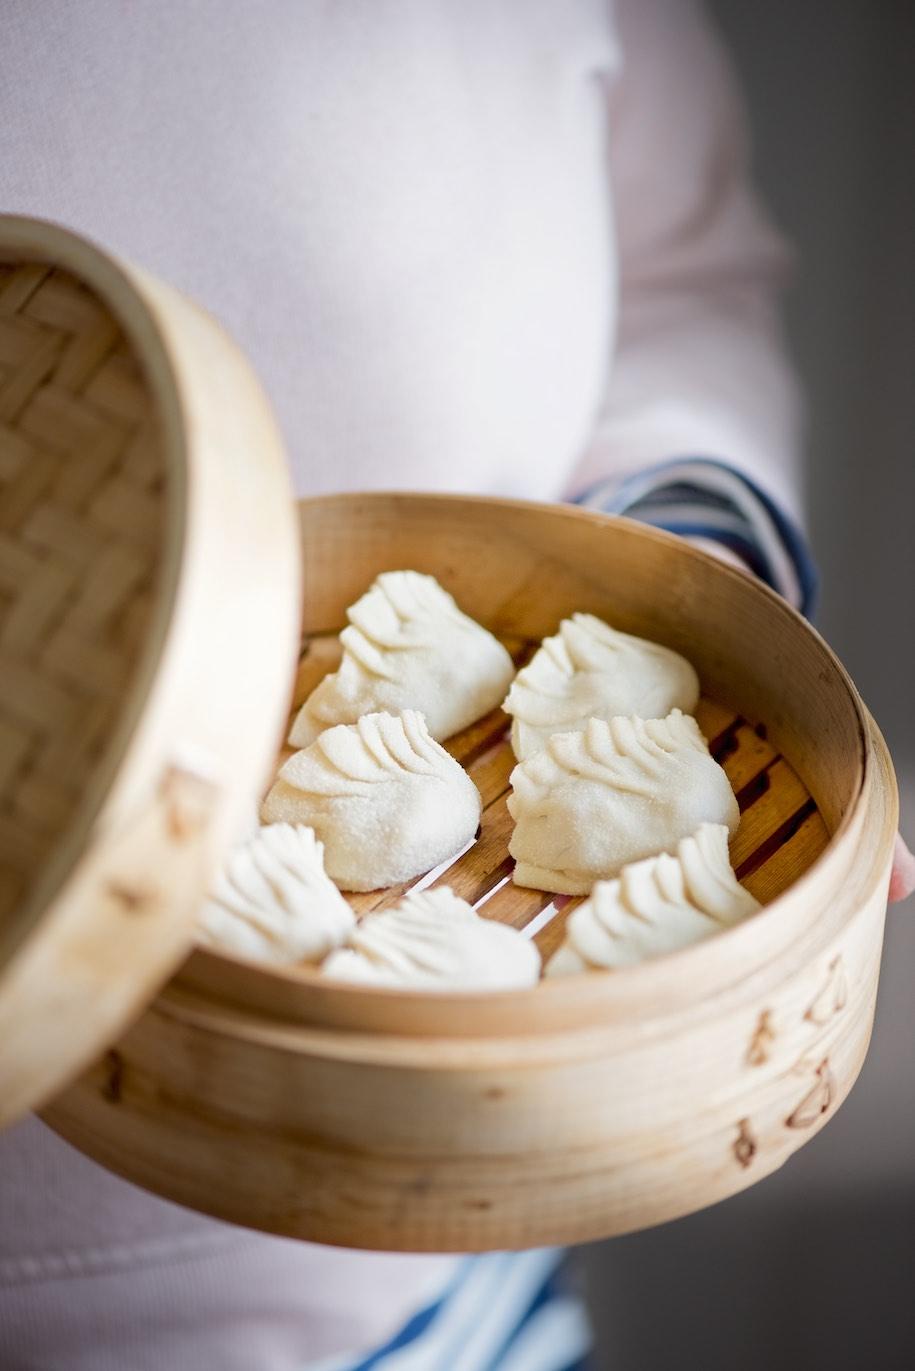 gyoza di maiale in cestino di bambù tenuti in mano